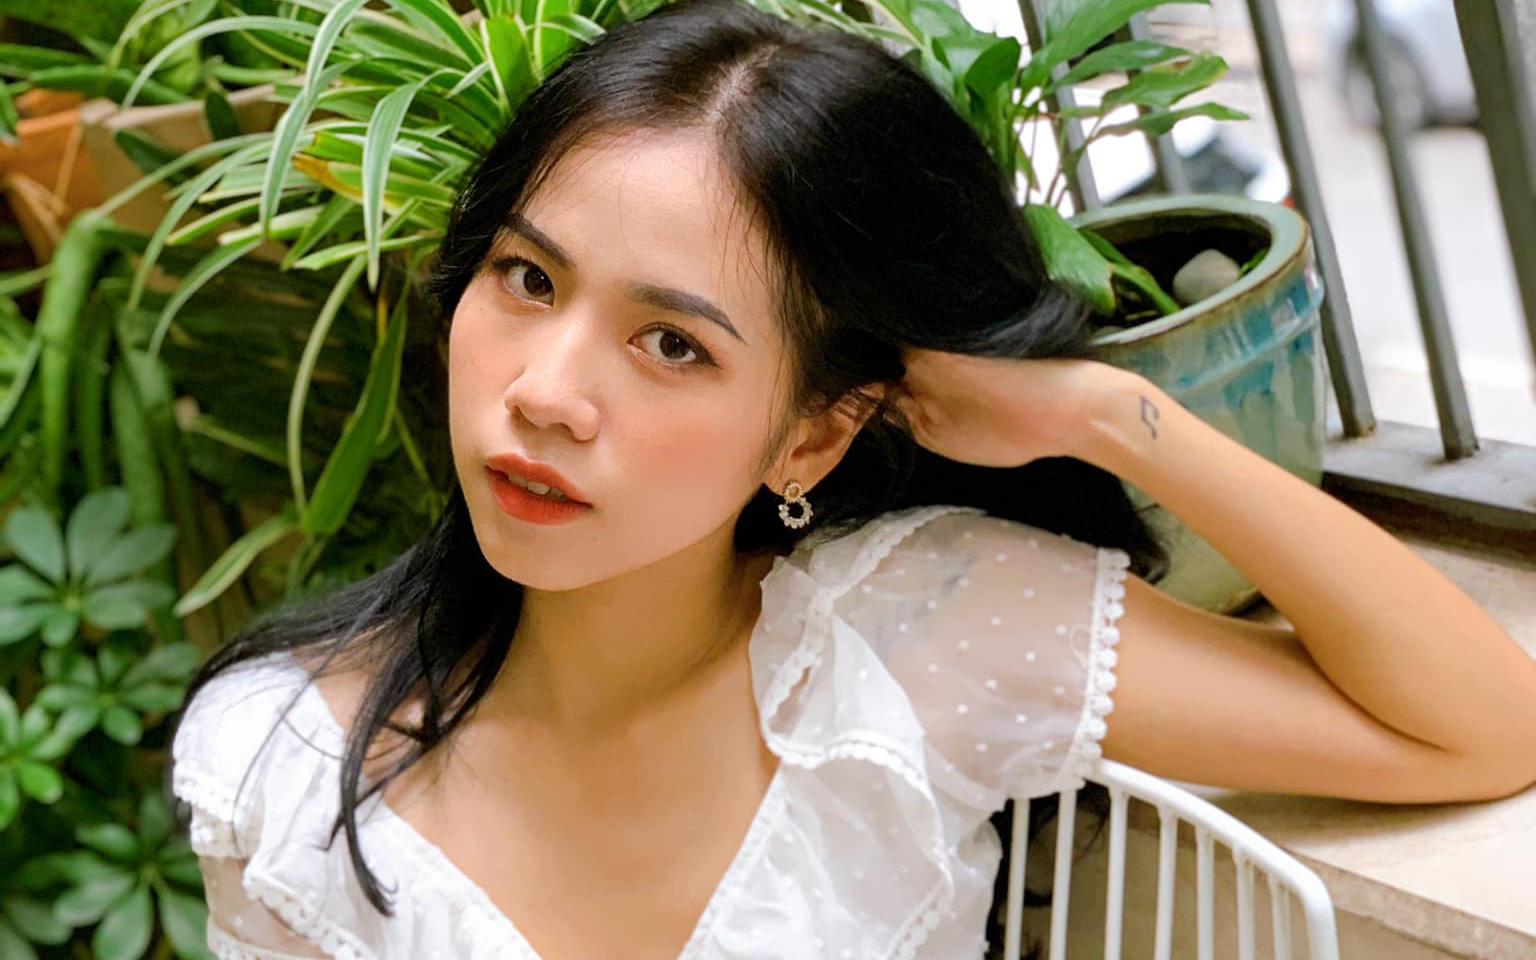 """Vừa tham gia show hẹn hò, con gái nuôi của Quyền Linh đã khiến trai đẹp """"say nắng"""""""